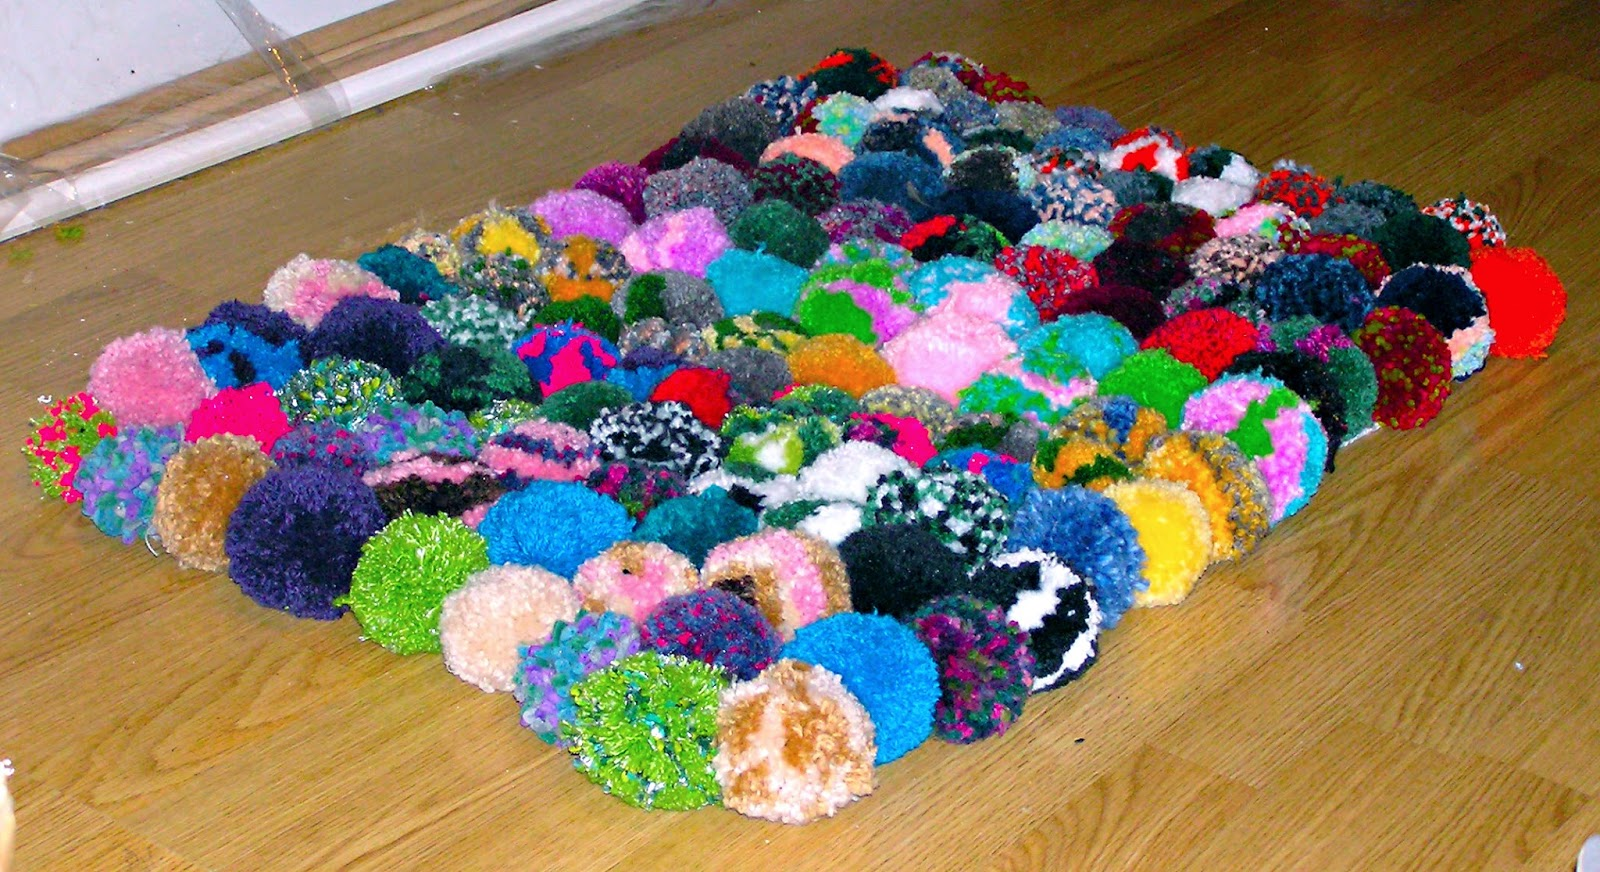 Planeta virtual alfombra pompones de lana diy for Lana para hacer alfombras